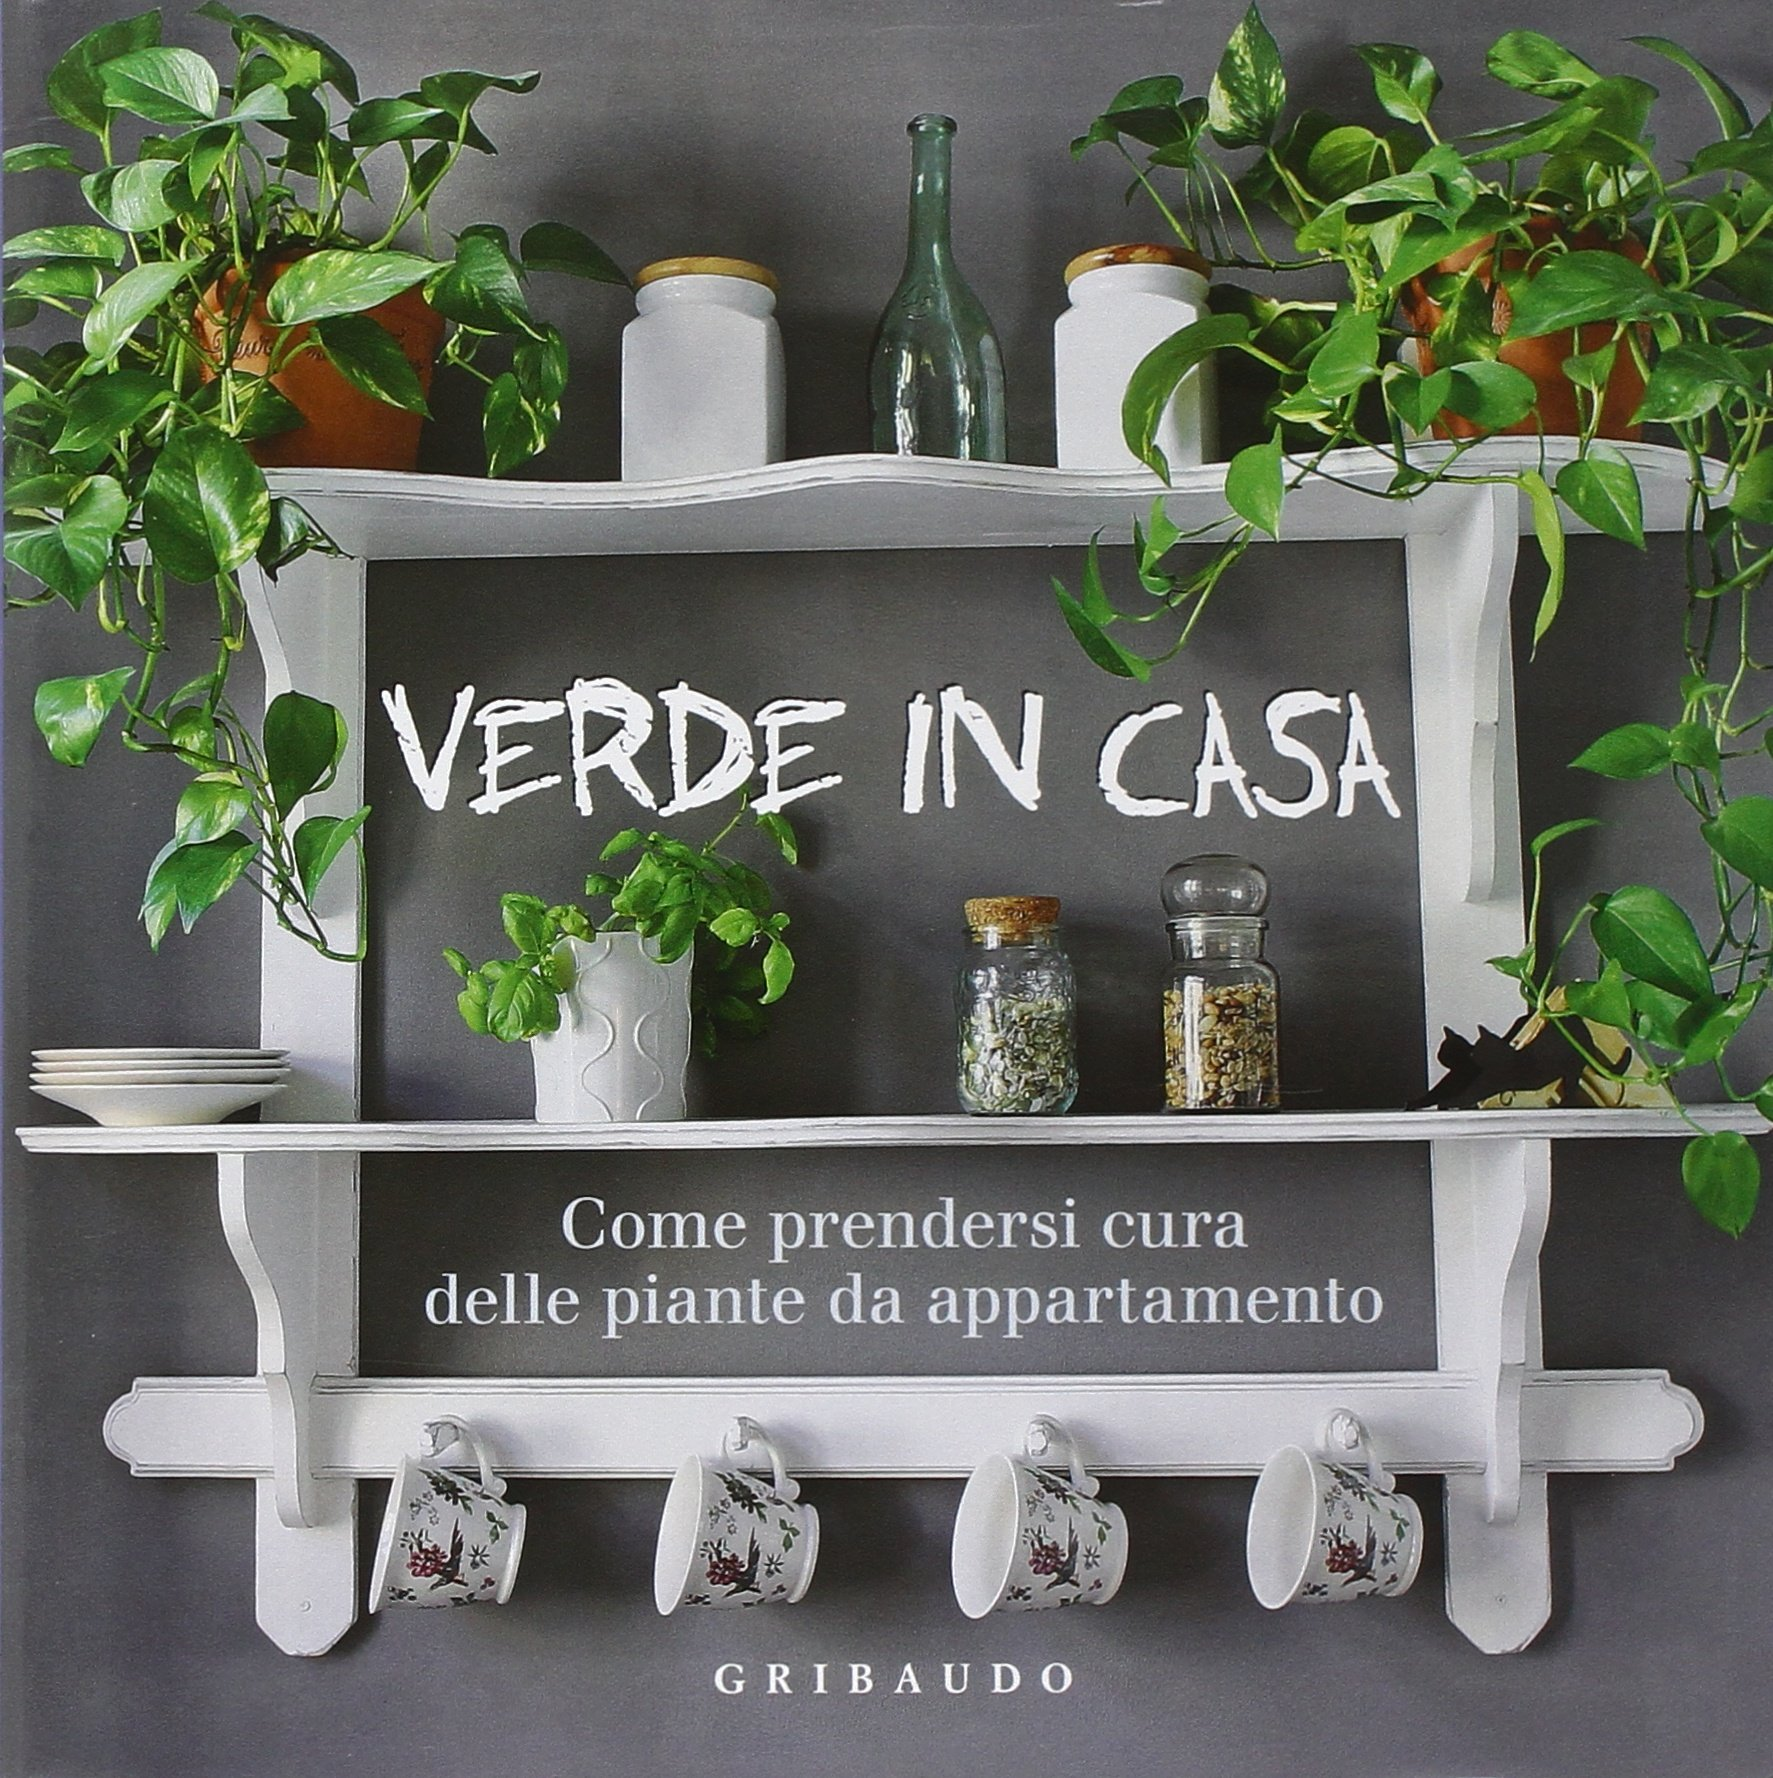 Piante Da Appartamento Amazon.Verde In Casa Come Prendersi Cura Delle Piante Da Appartamento